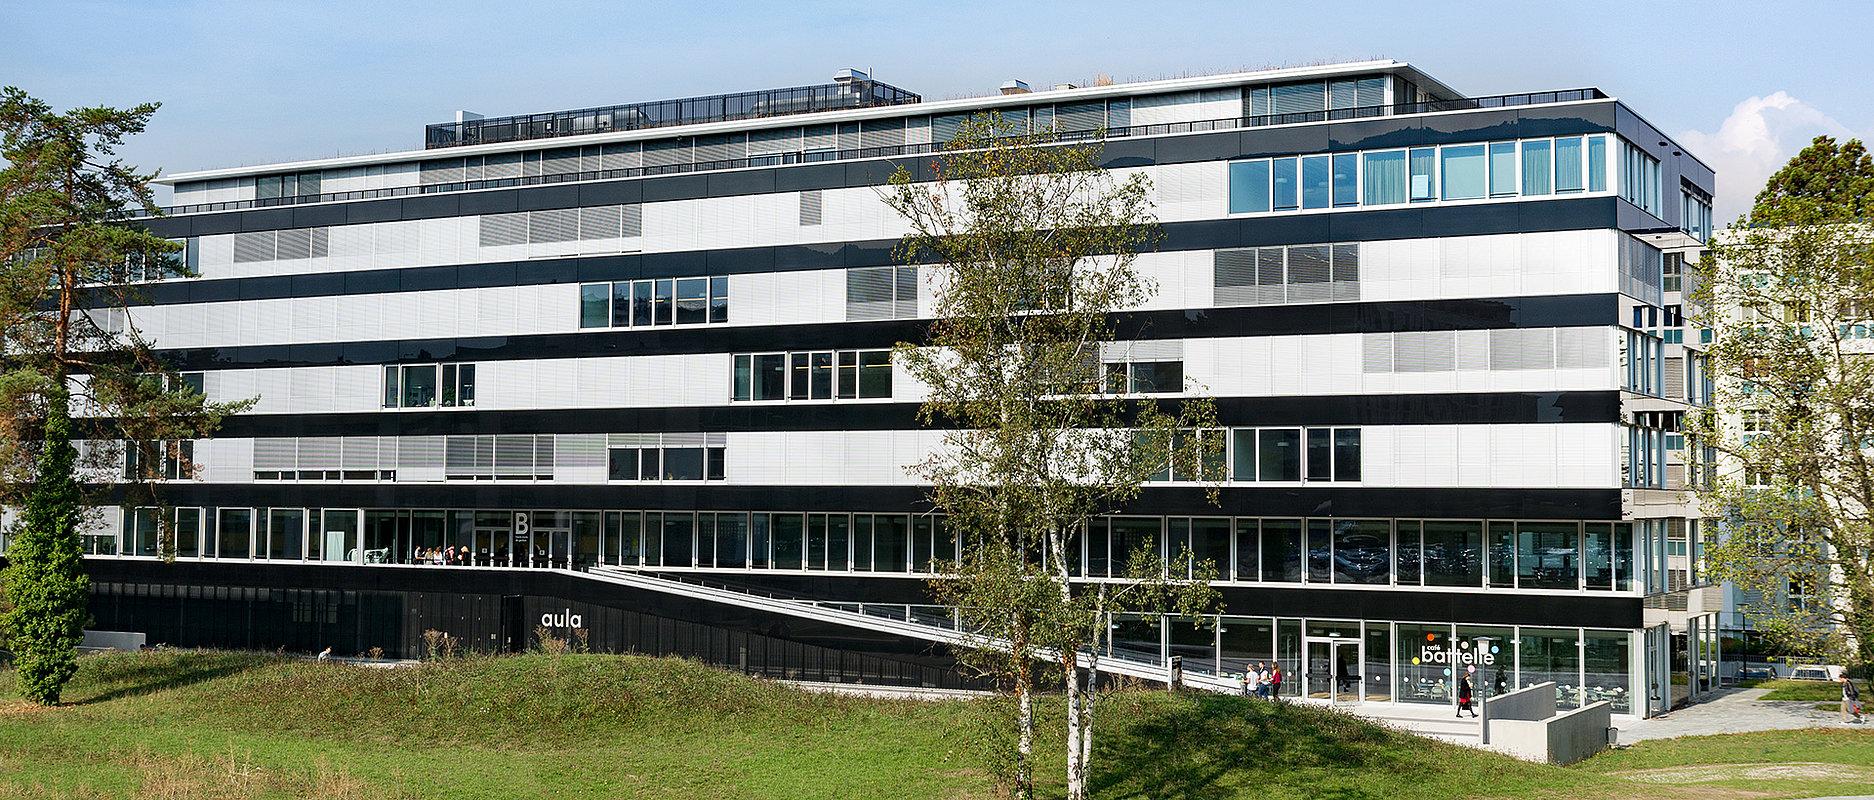 Haute école de gestion - Genève (HEG) - bâtiment